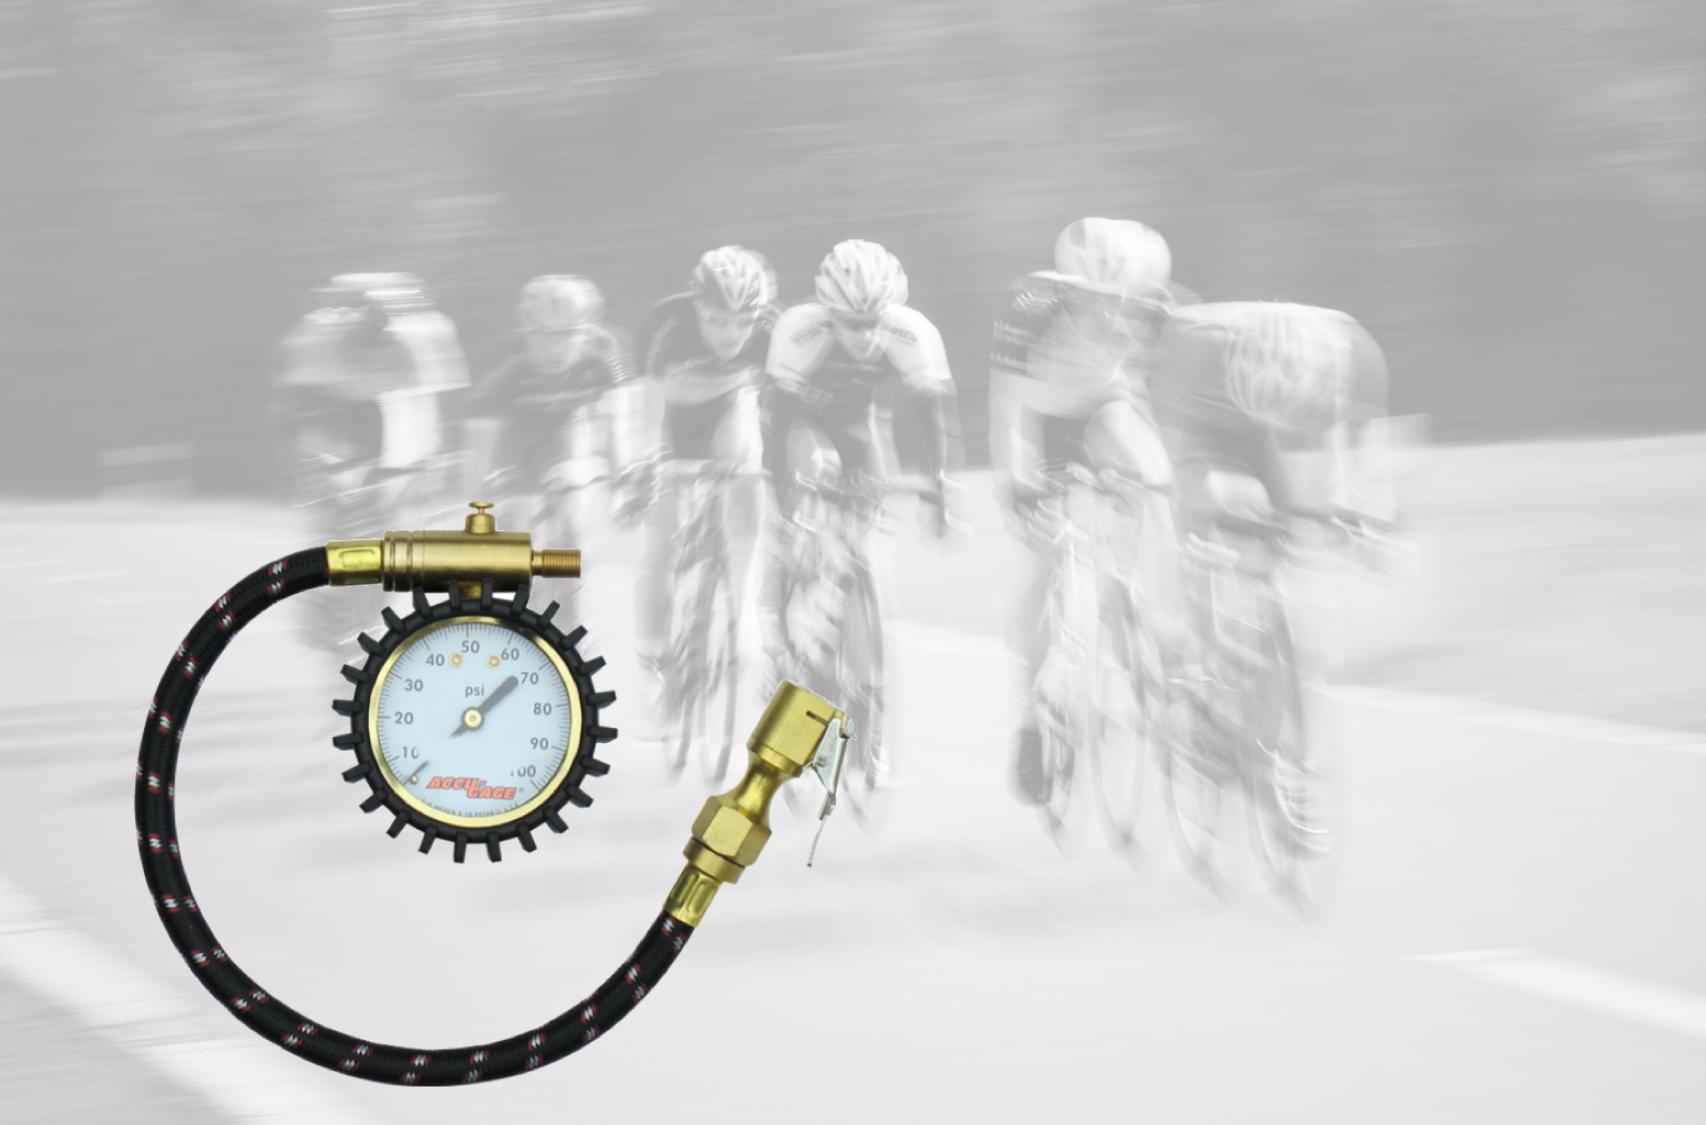 däcktrycksmätare och landsvägscyklister